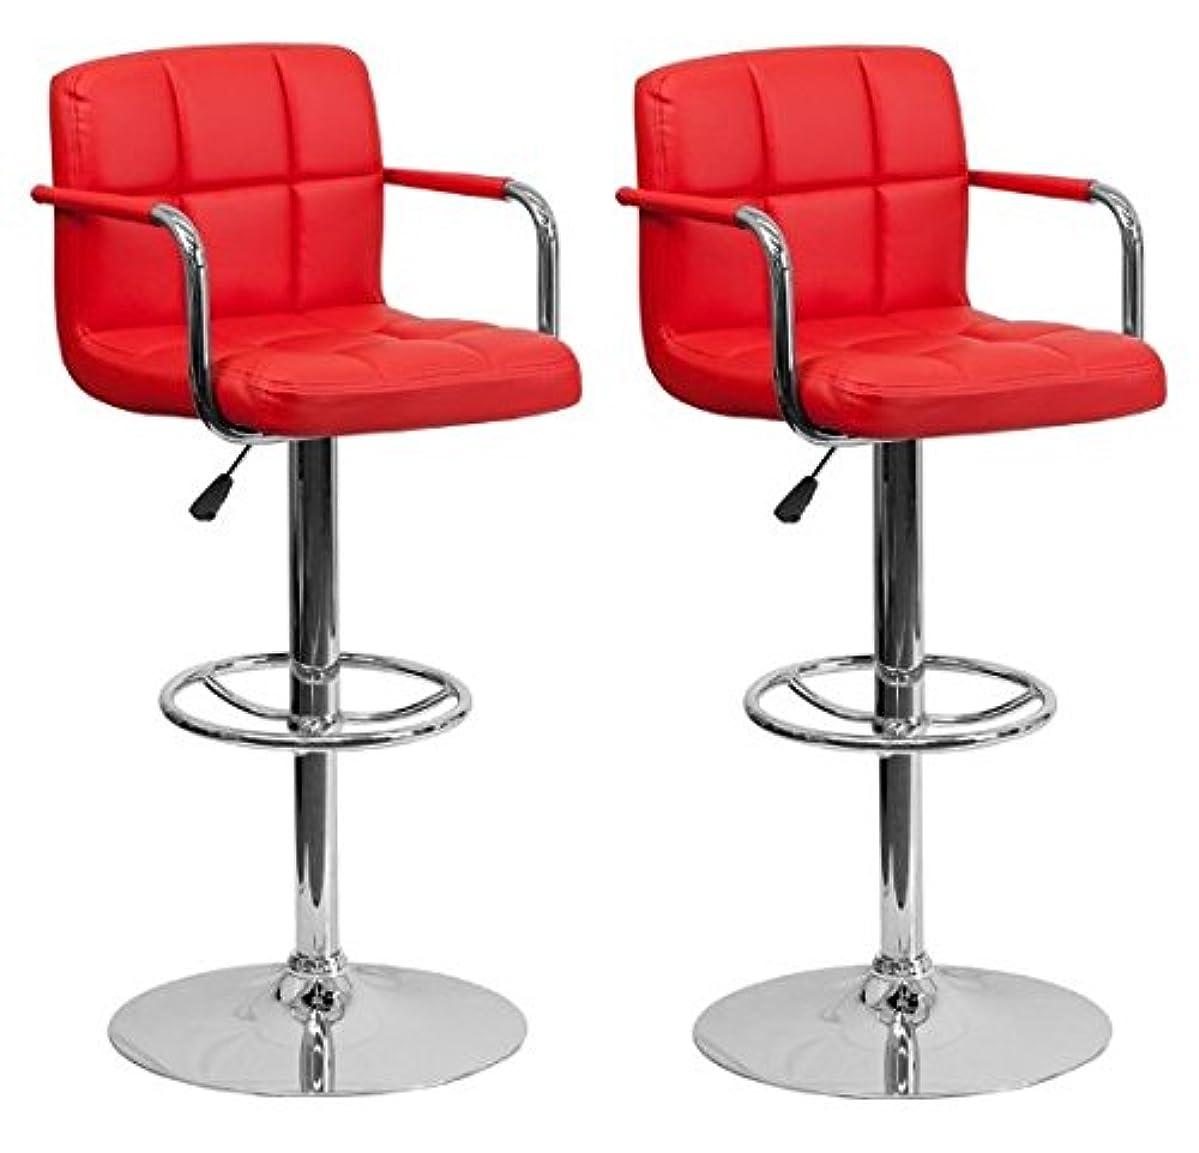 Chic Elite Modern Adjustable Synthetic Leather Bar Stools | High-back armrest | Set of 2 (Red)